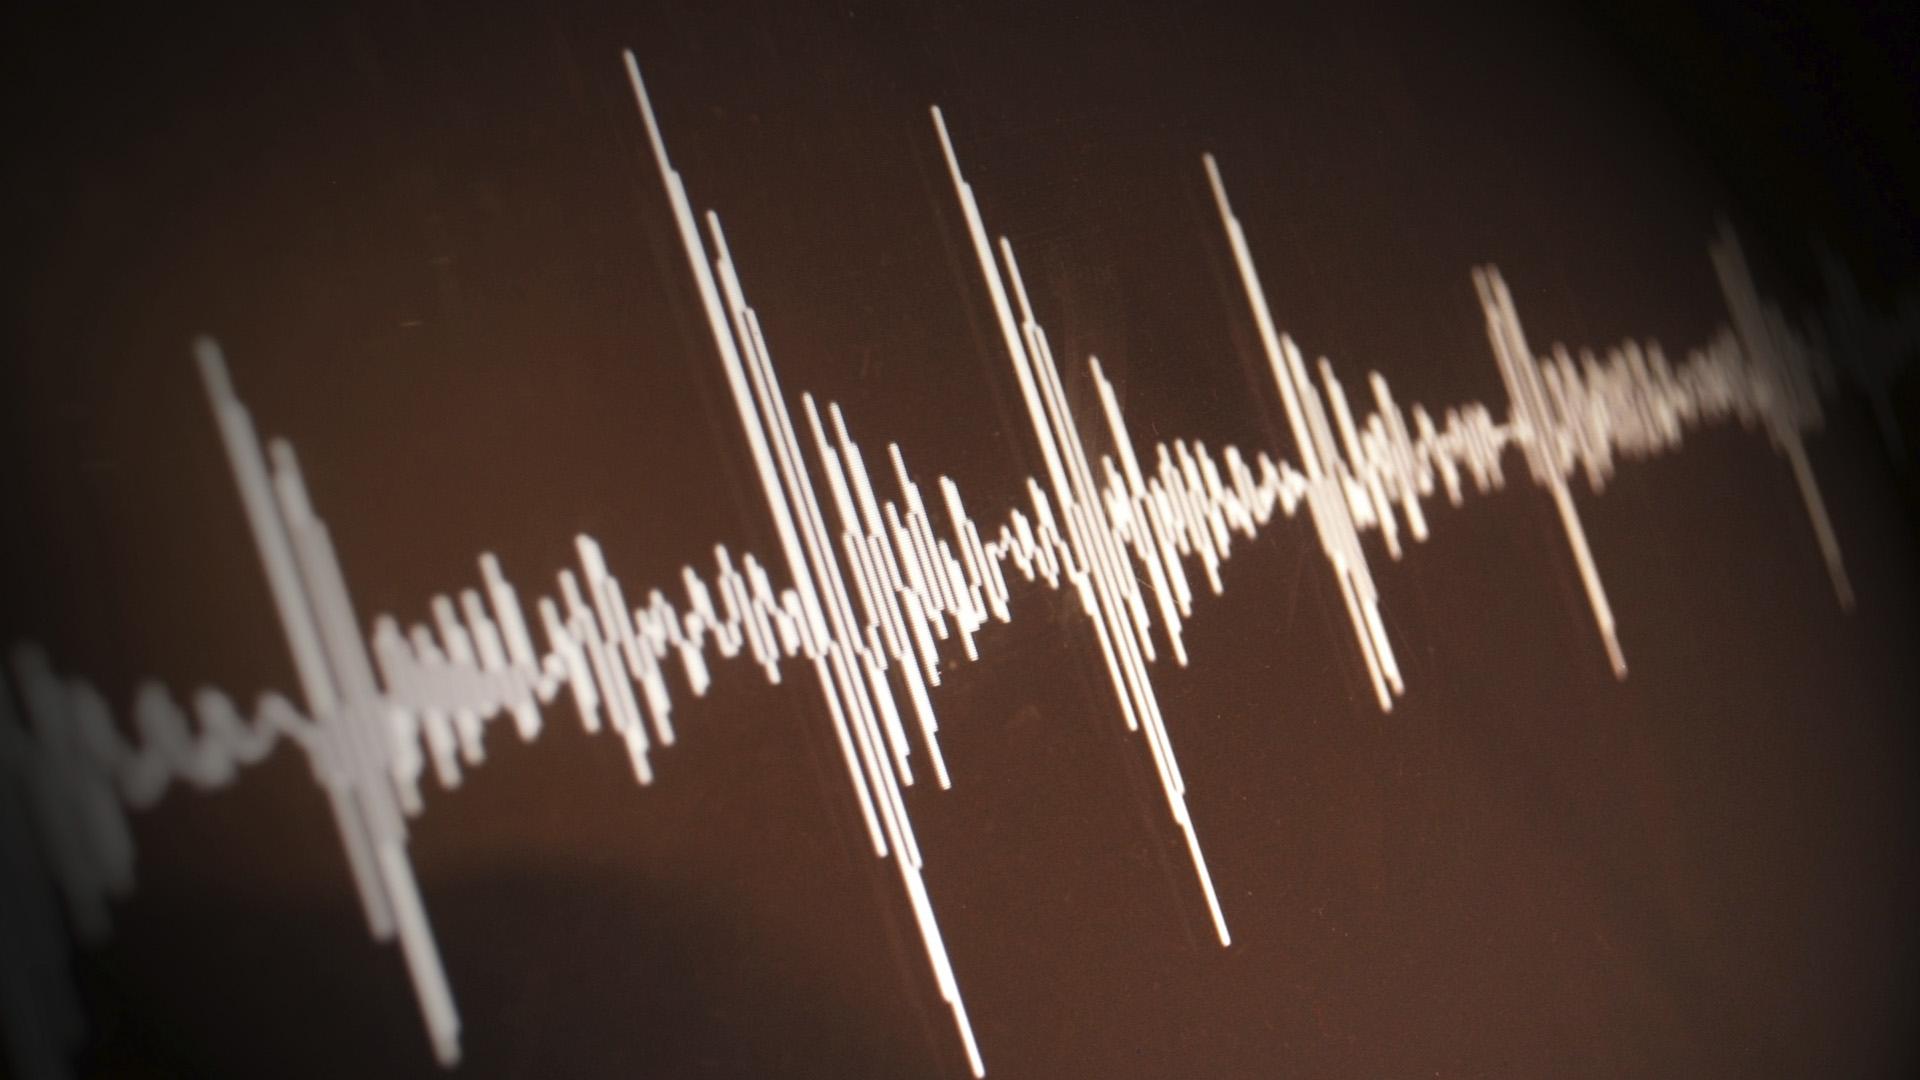 El epicentro fue en la región centro-norte del país y no hubo heridos ni daños materiales